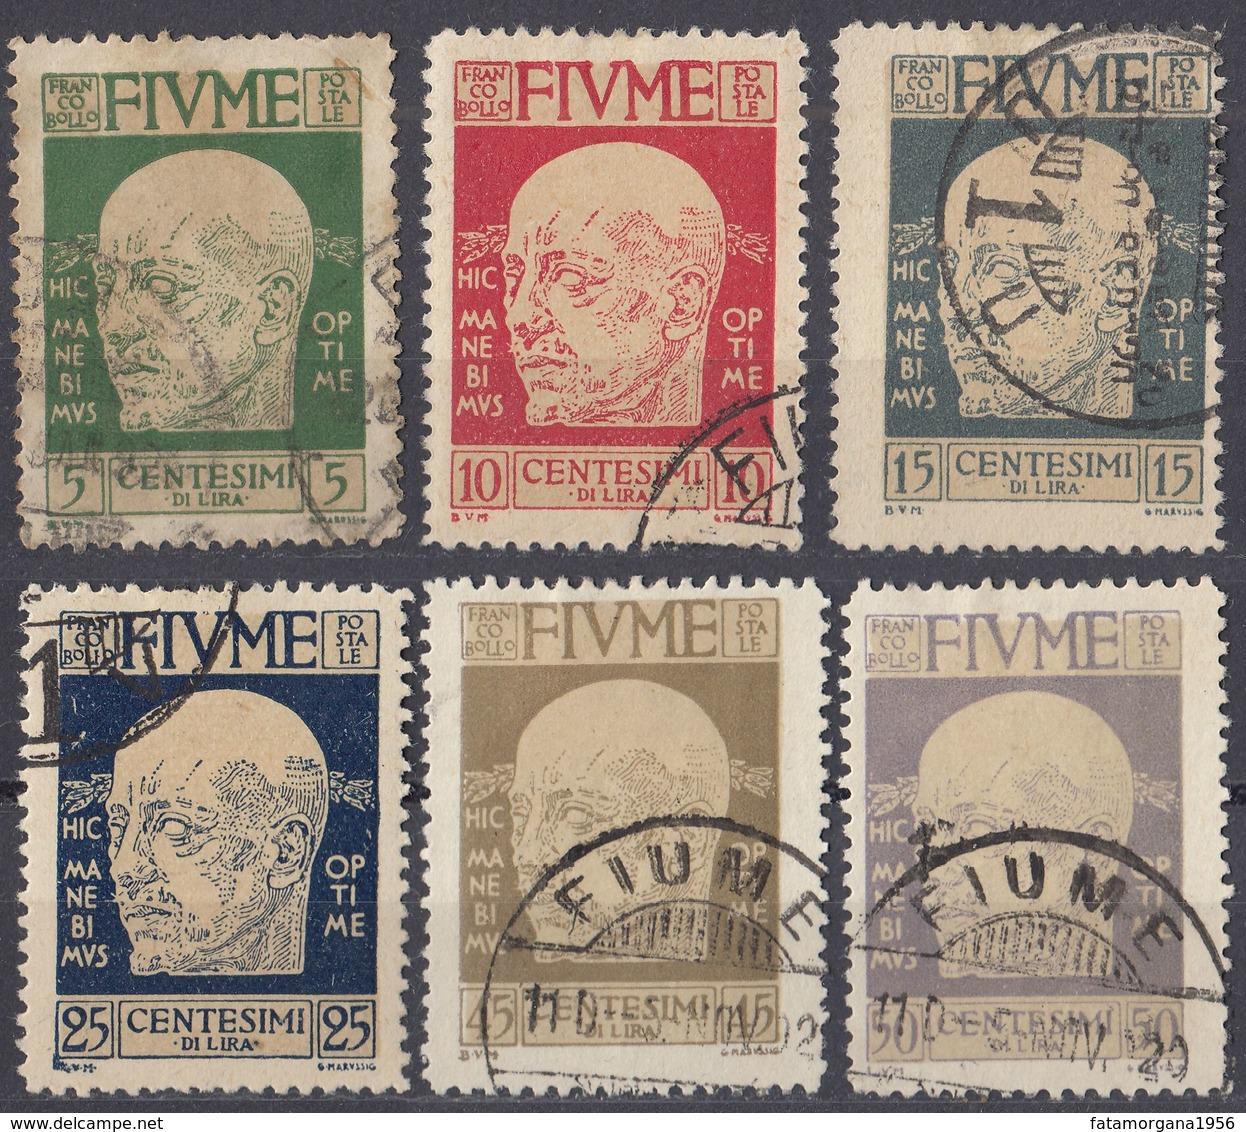 FIUME - 1920 - Lotto Di 6 Valori Usati: Yvert 96/98, 100, 102 E 103. - 8. WW I Occupation